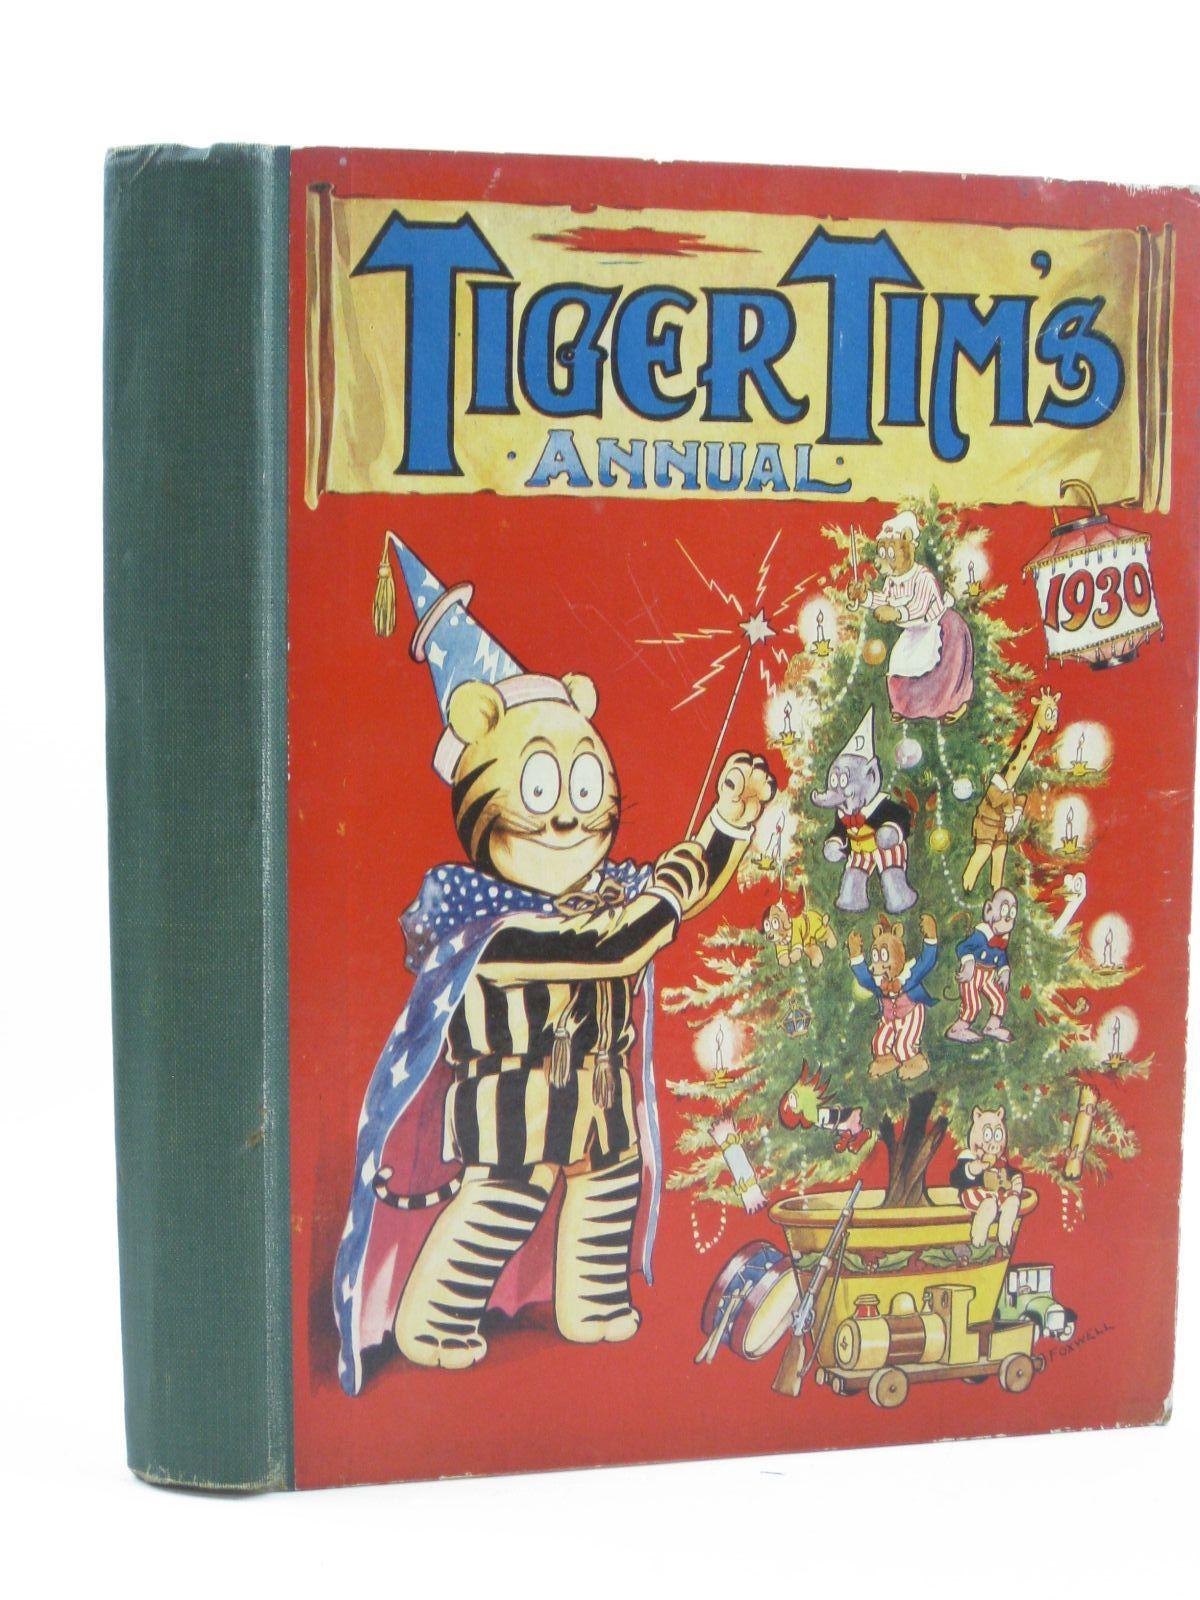 Tiger Tim